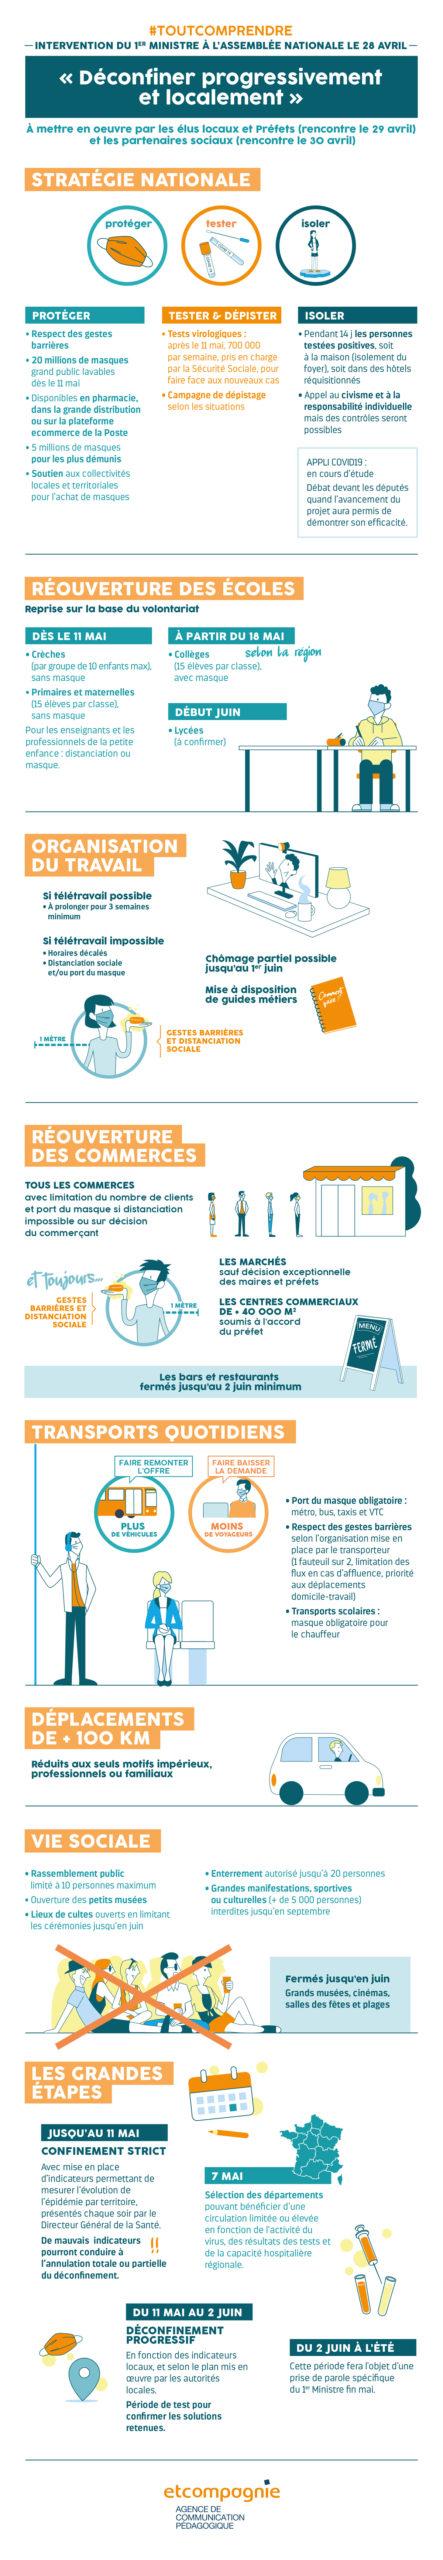 Infographie Du Discours Du Premier Ministre Assemblee Nationale Deconfinement Scaled